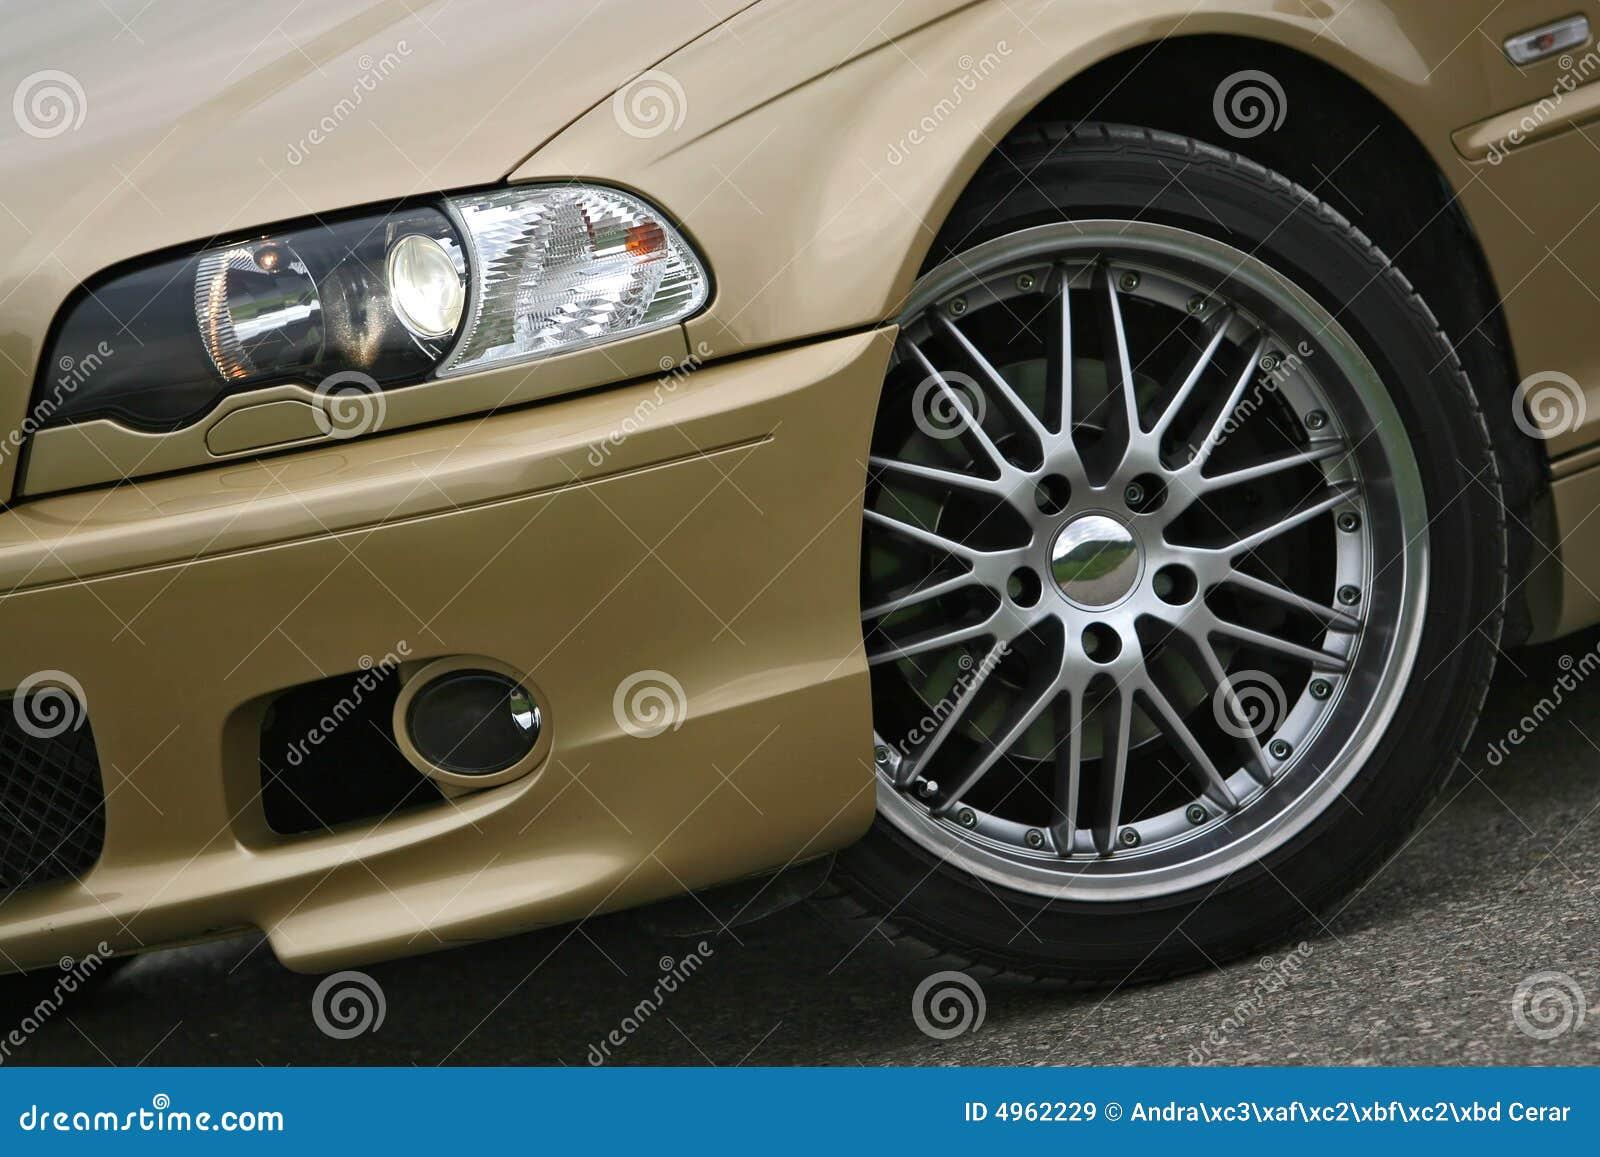 Samochód sportowy stopów złota koła